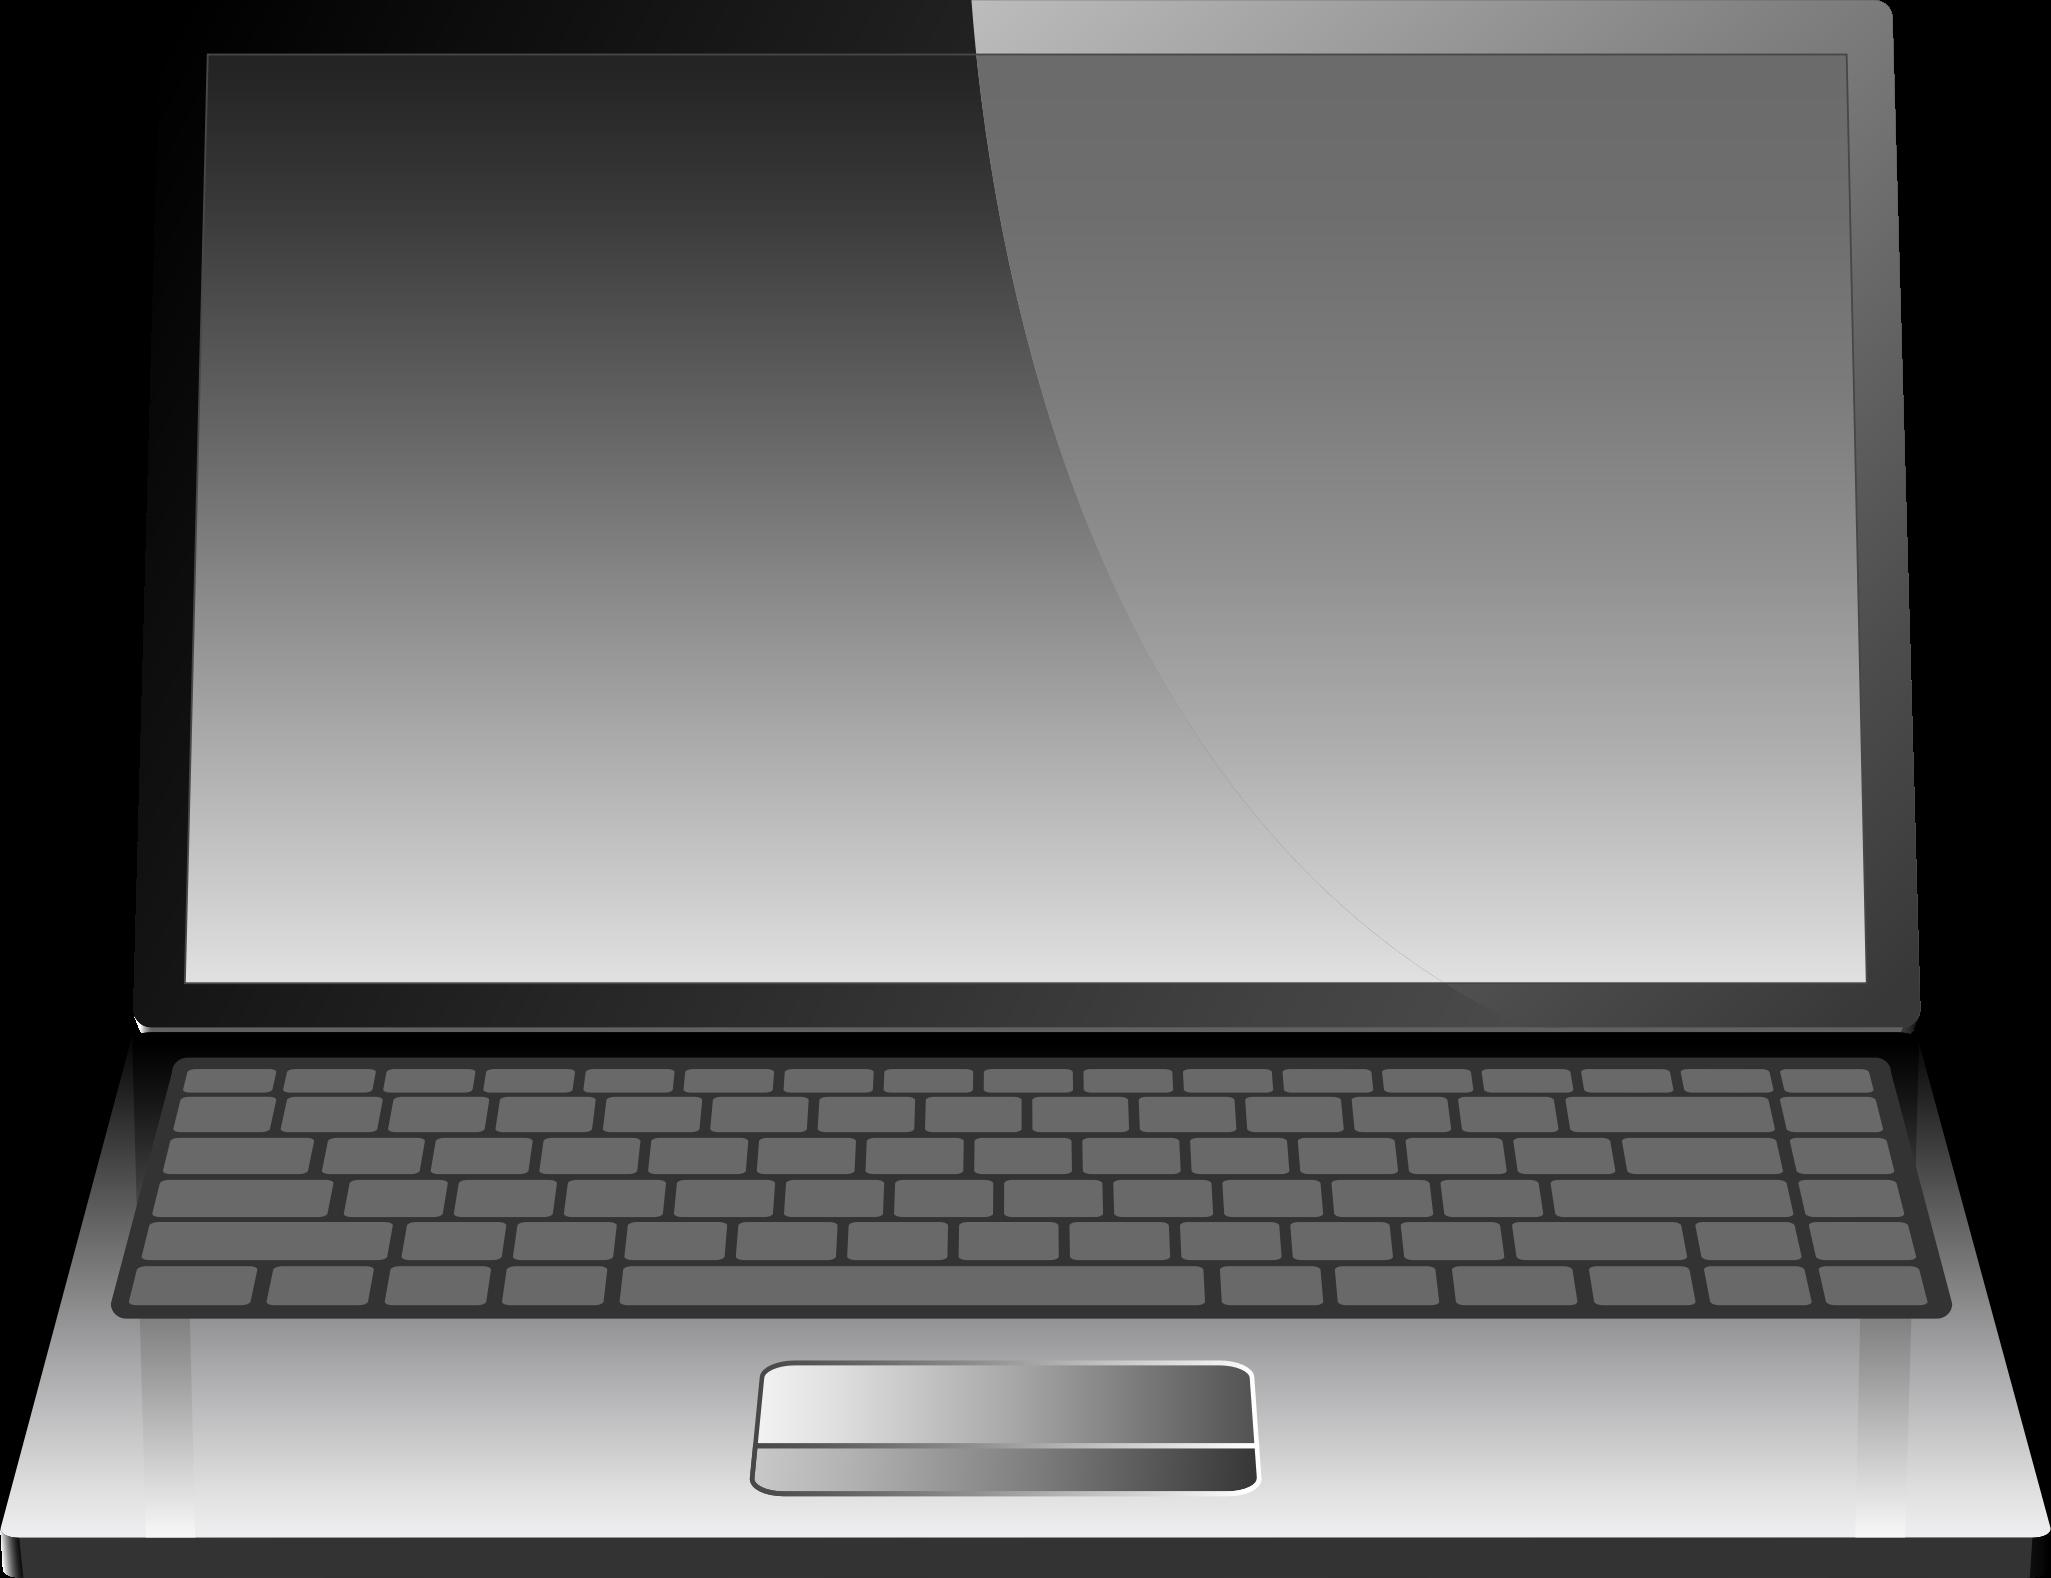 2051x1578 15 Laptop Vector Png For Free Download On Mbtskoudsalg